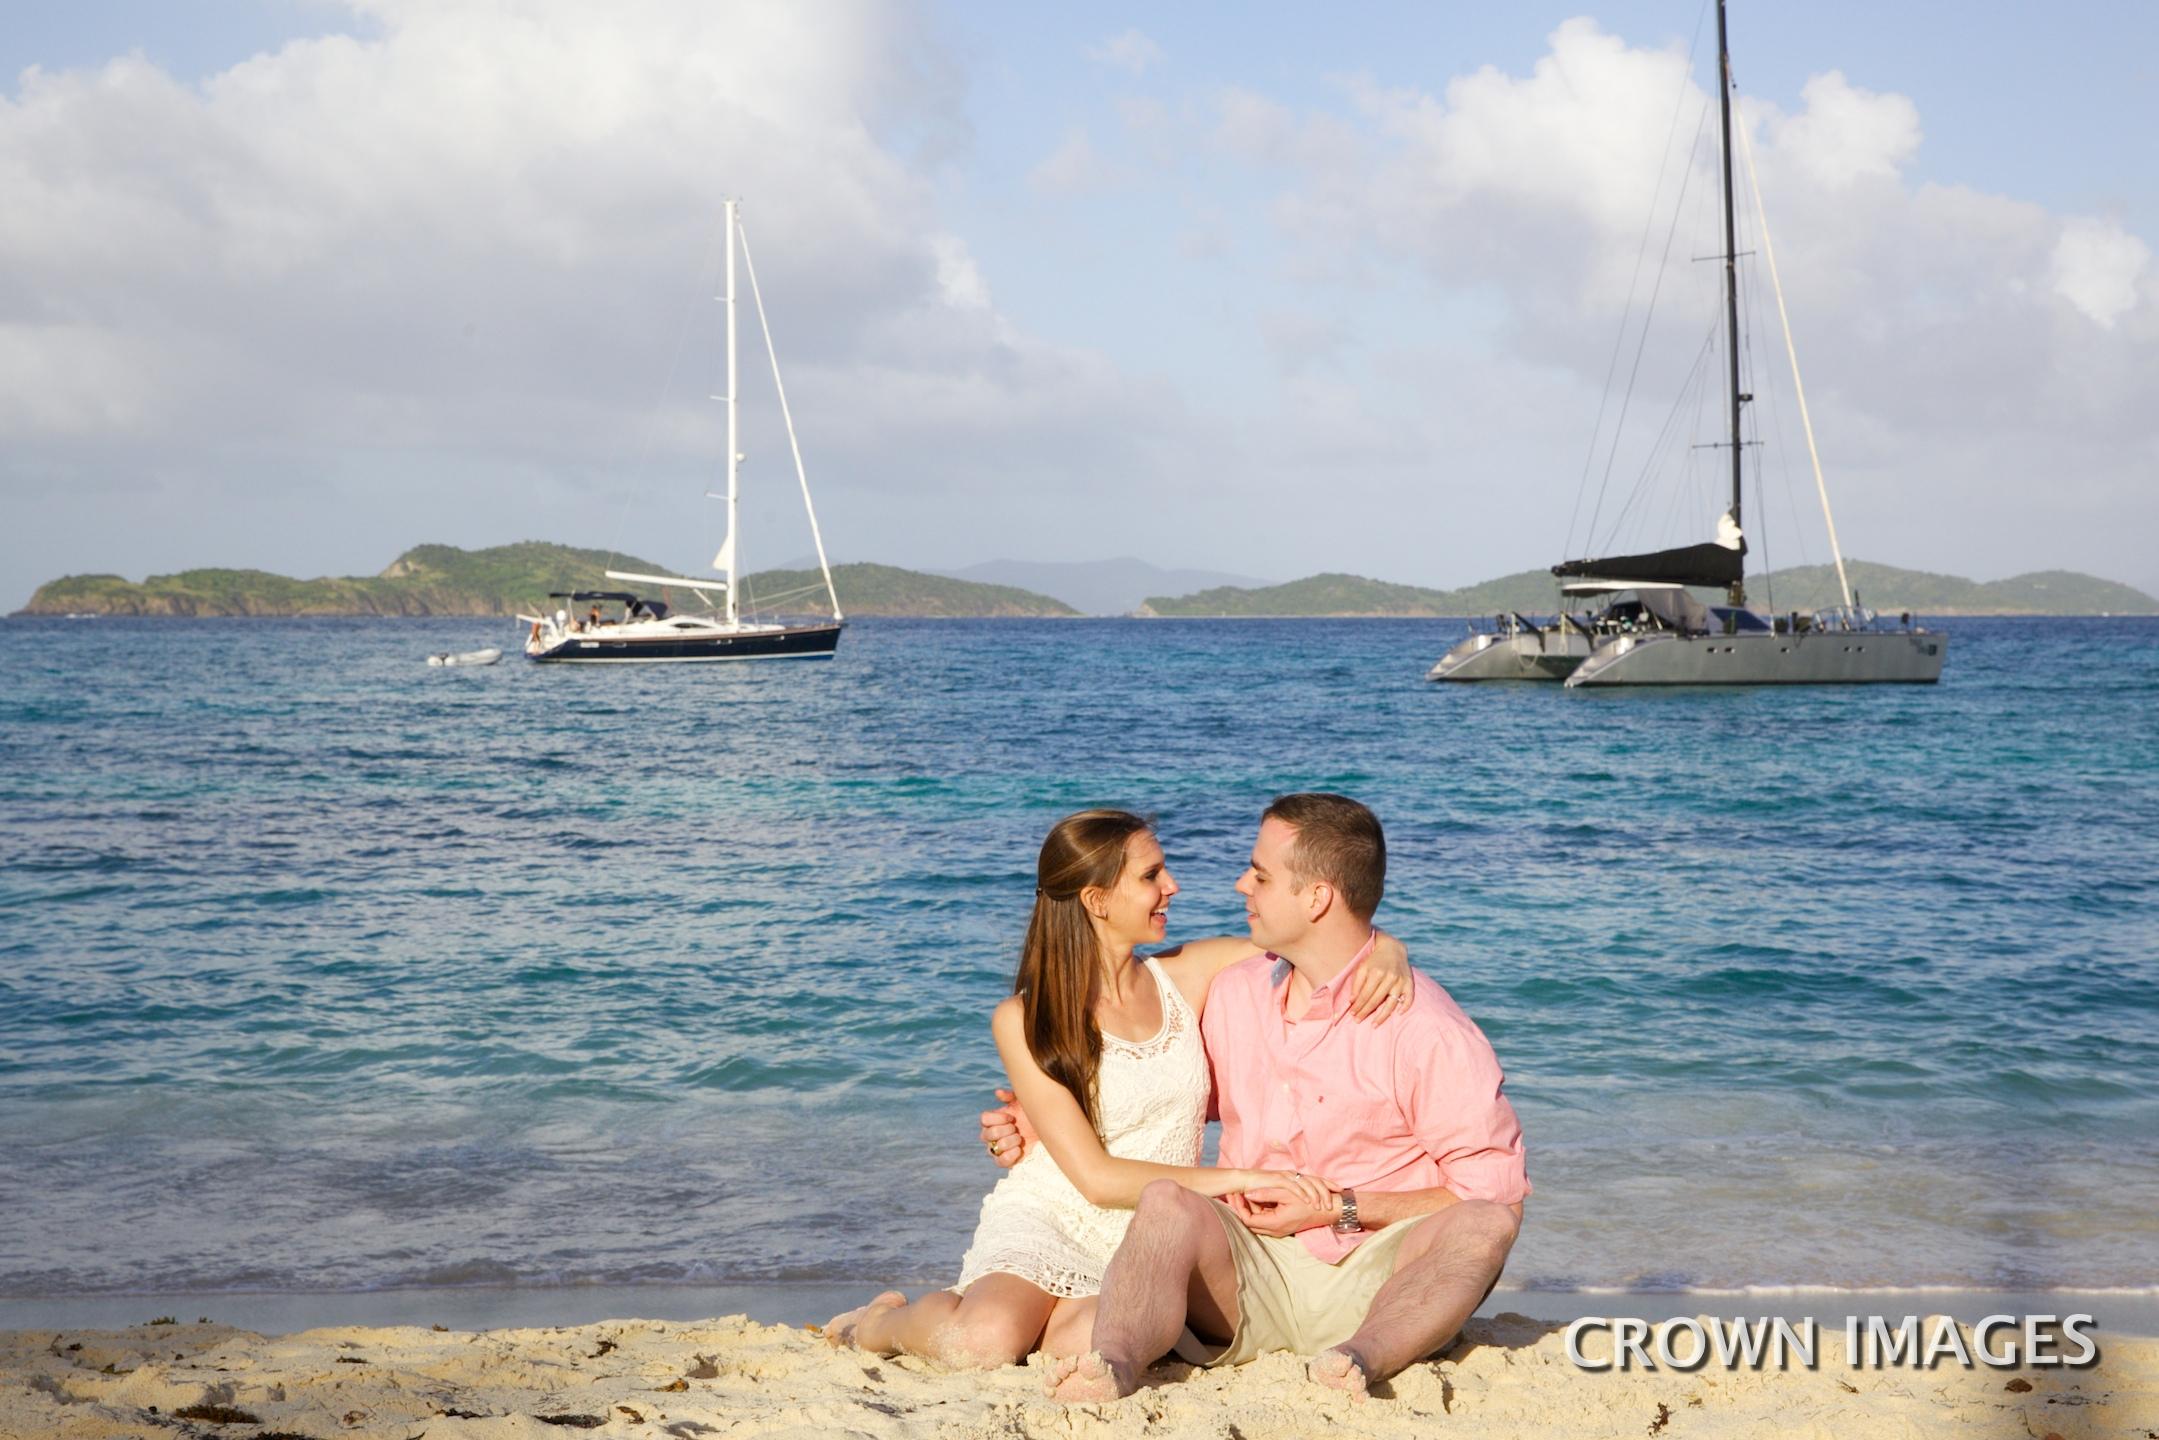 virgin_islands_wedding_photographer_005.jpg